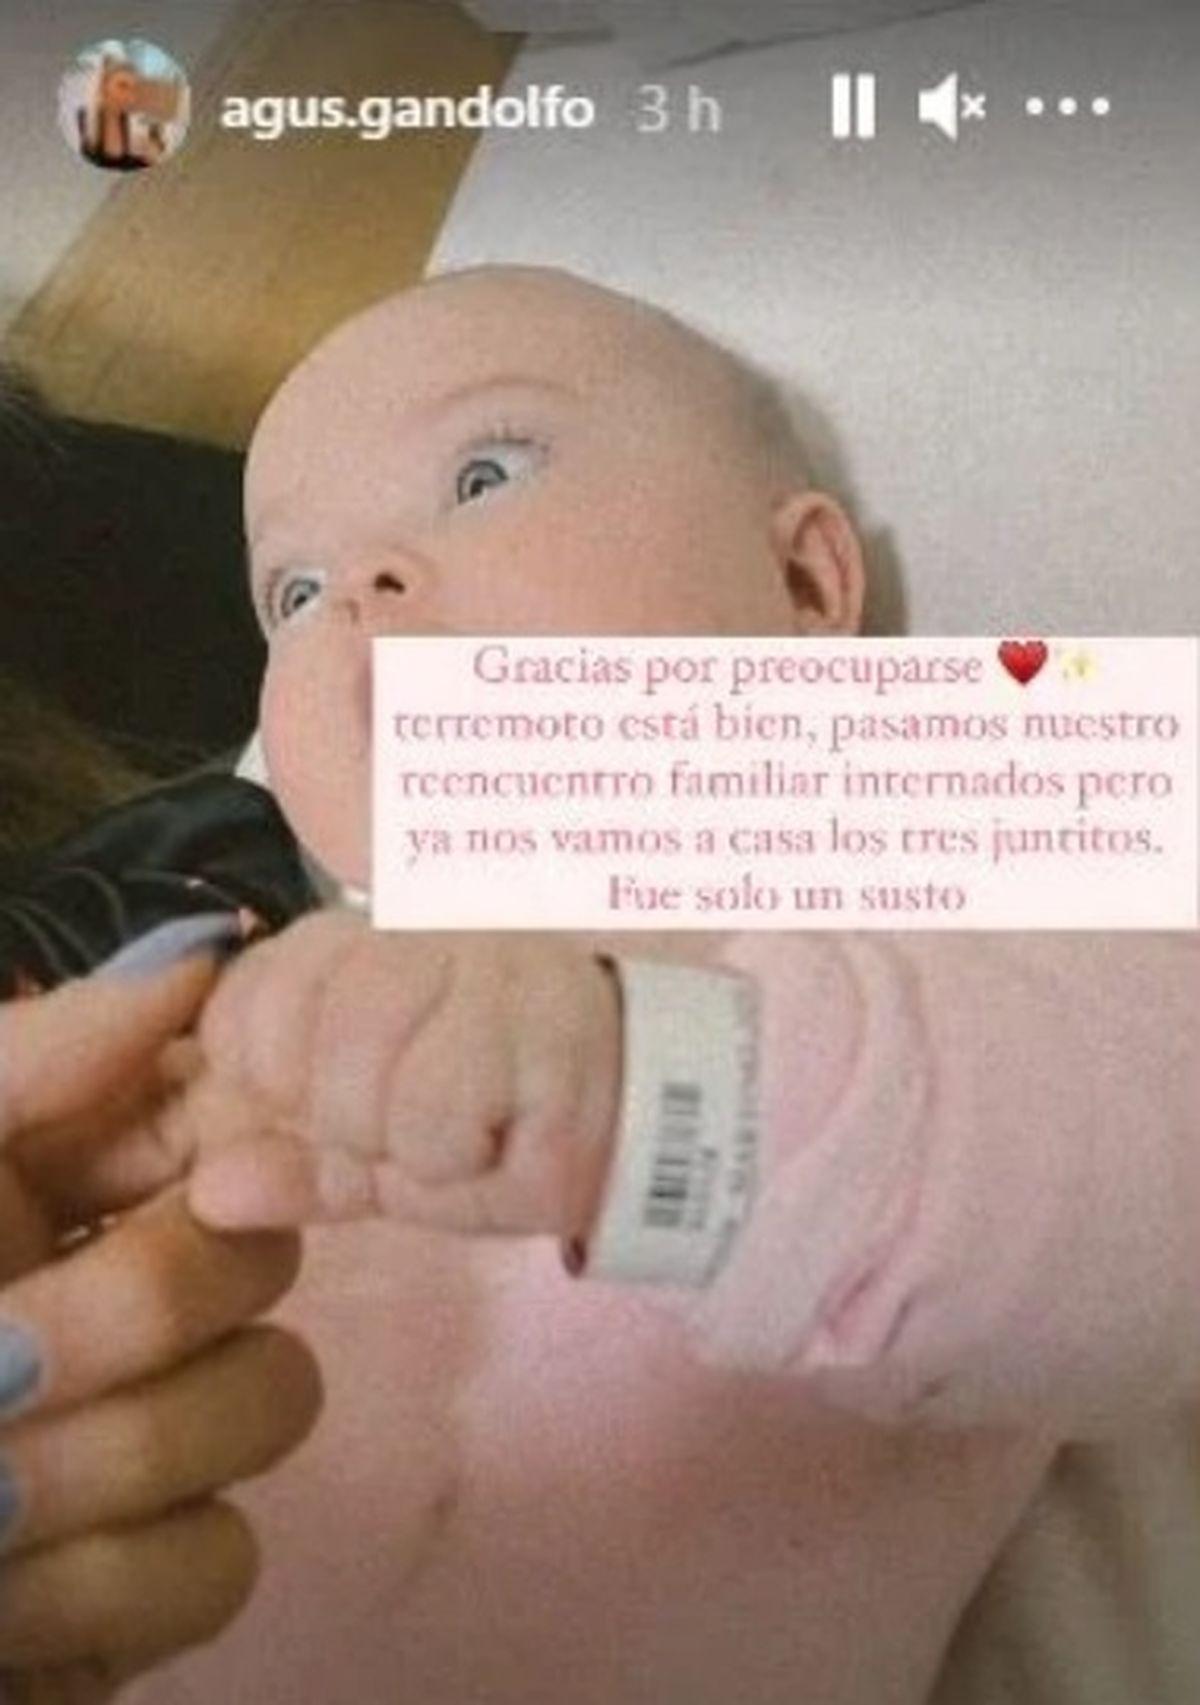 La bebé de Lautaro Martínez fue internada tras un accidente doméstico